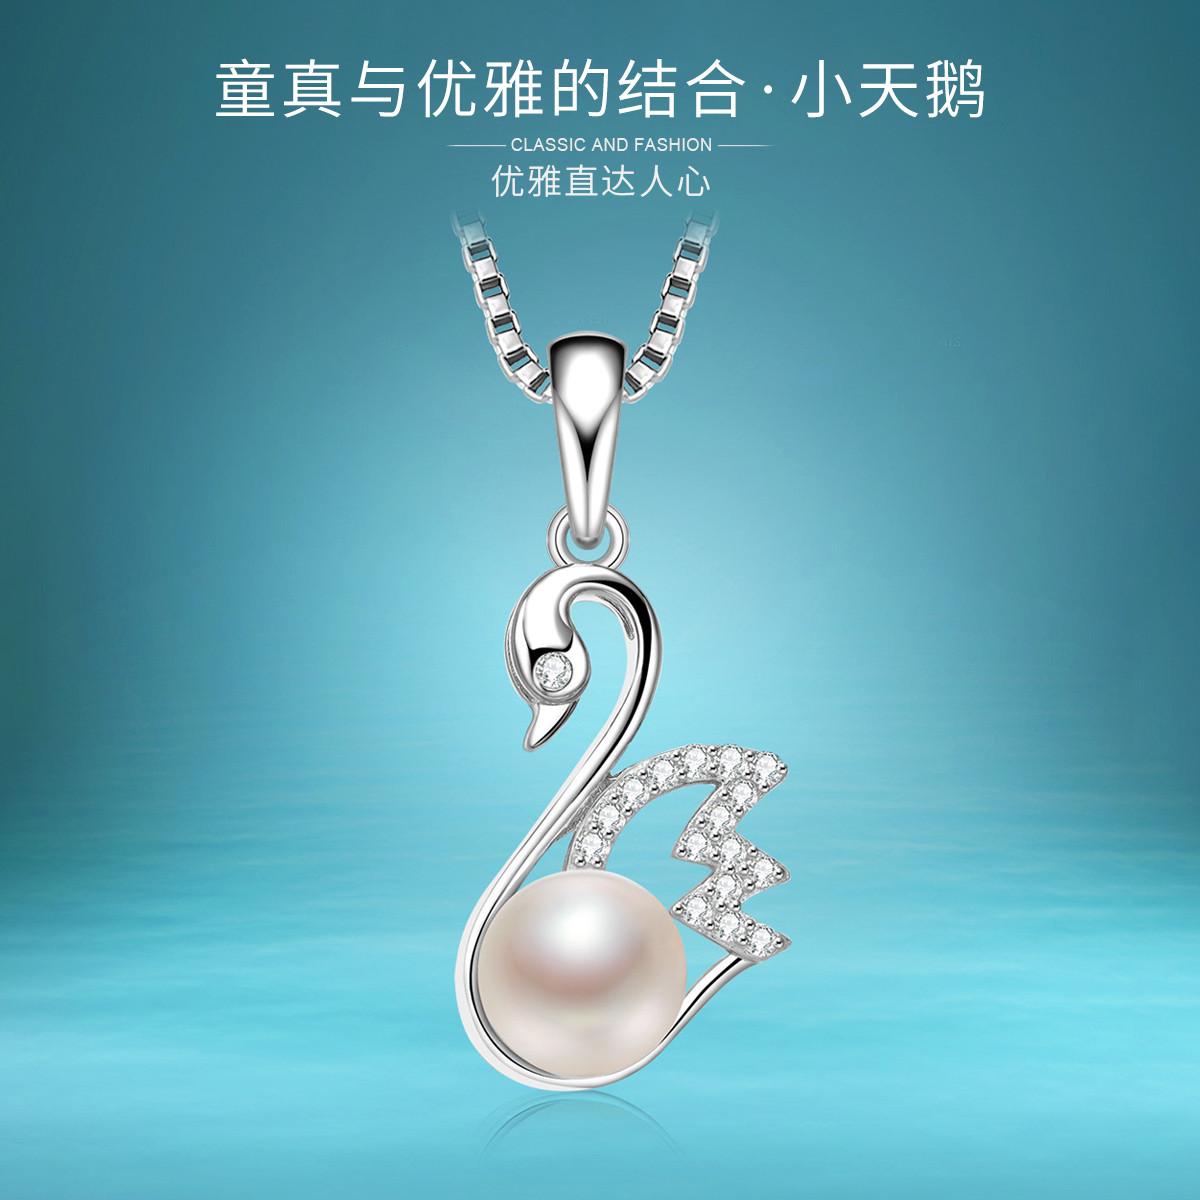 【女王节礼物】小天鹅 S925银镶淡水珍珠吊坠